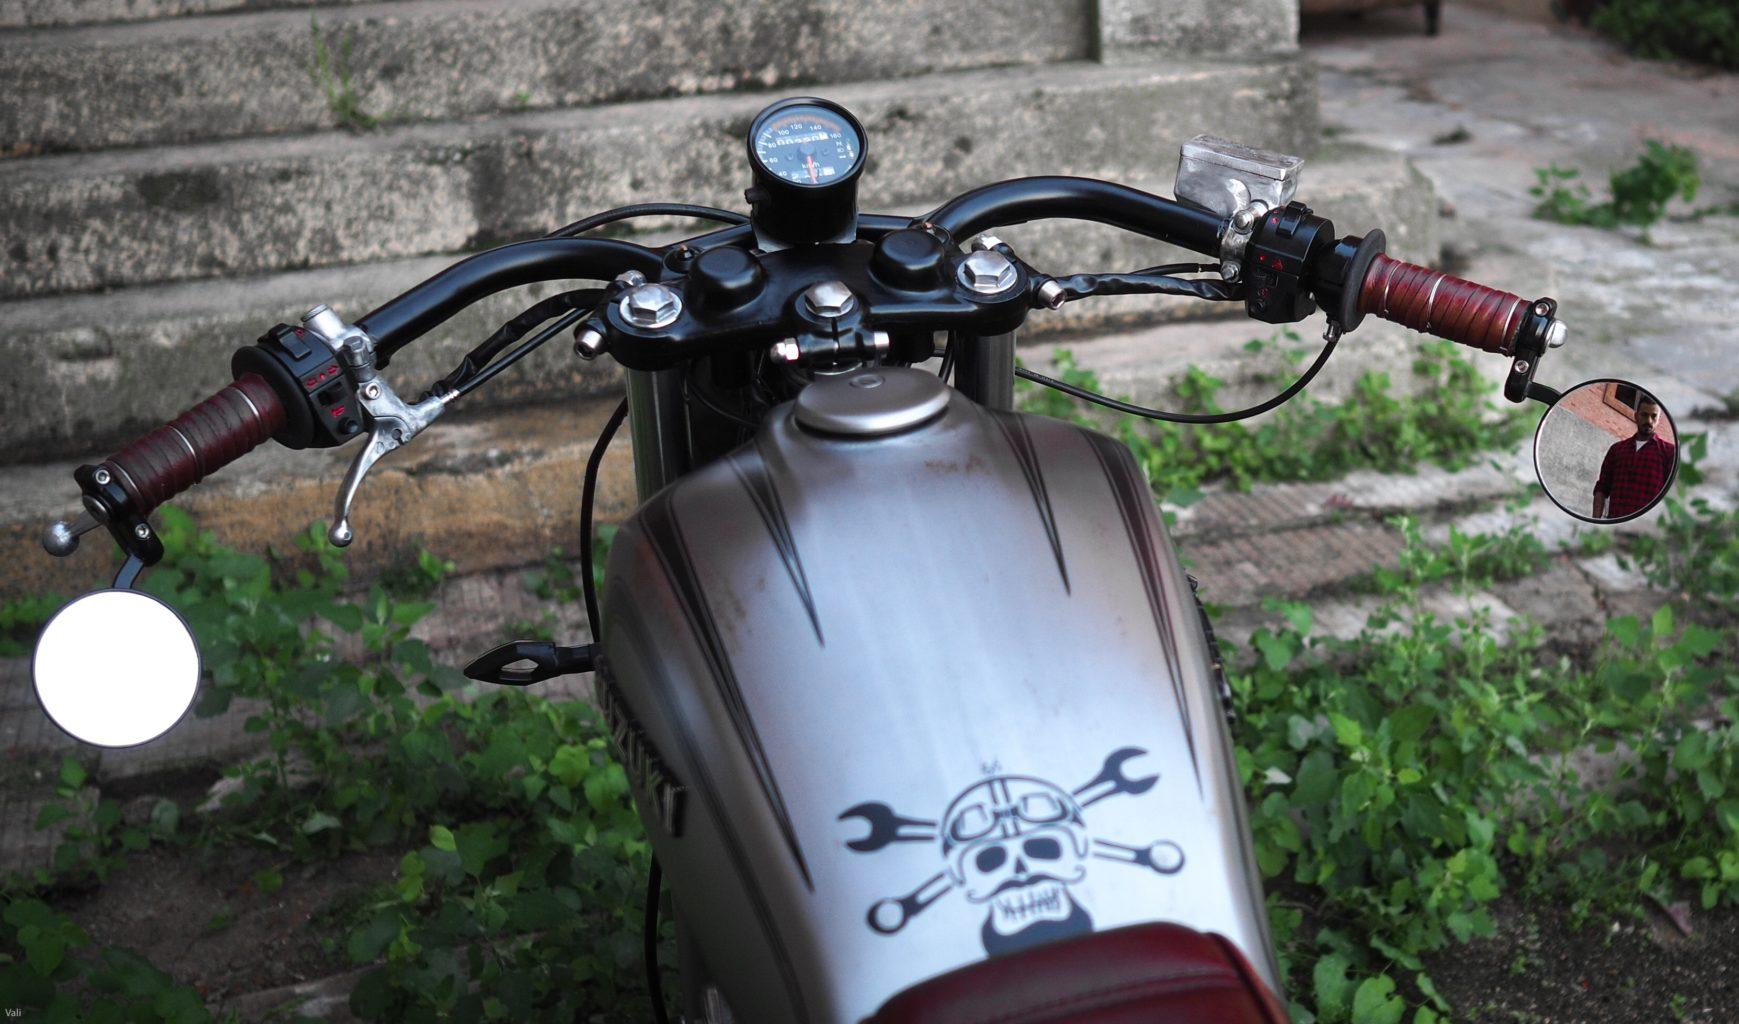 Suzuki GN400 by Swan Puzone